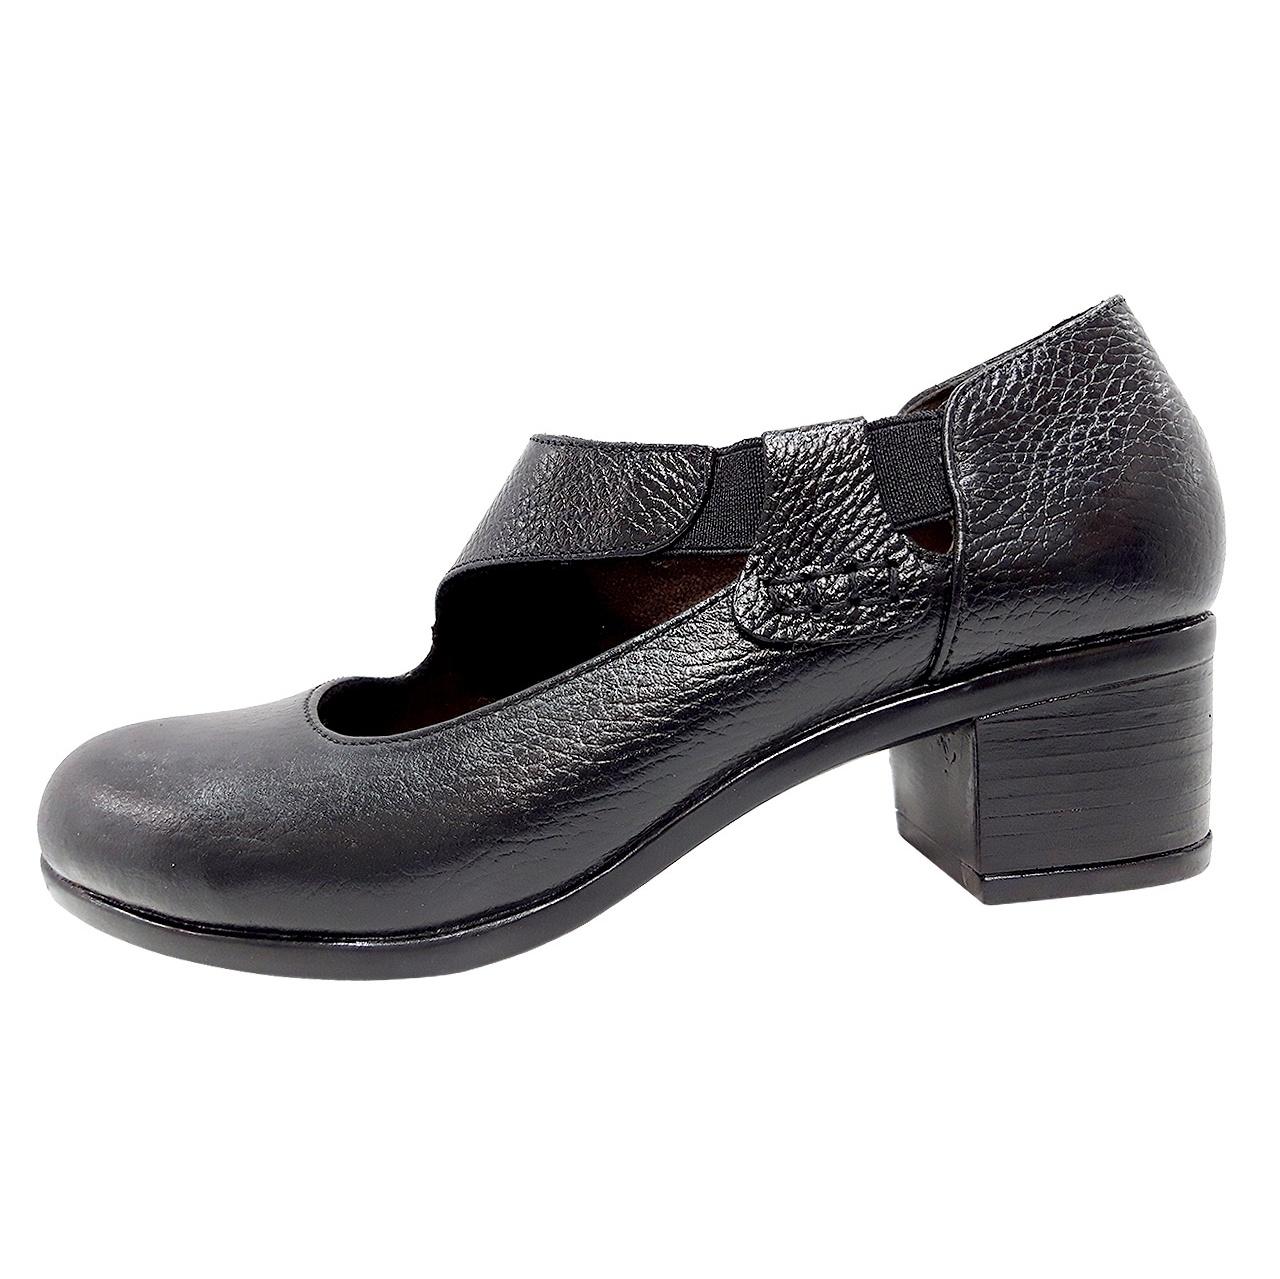 خرید                      کفش زنانه روشن مدل 2075 کد 01